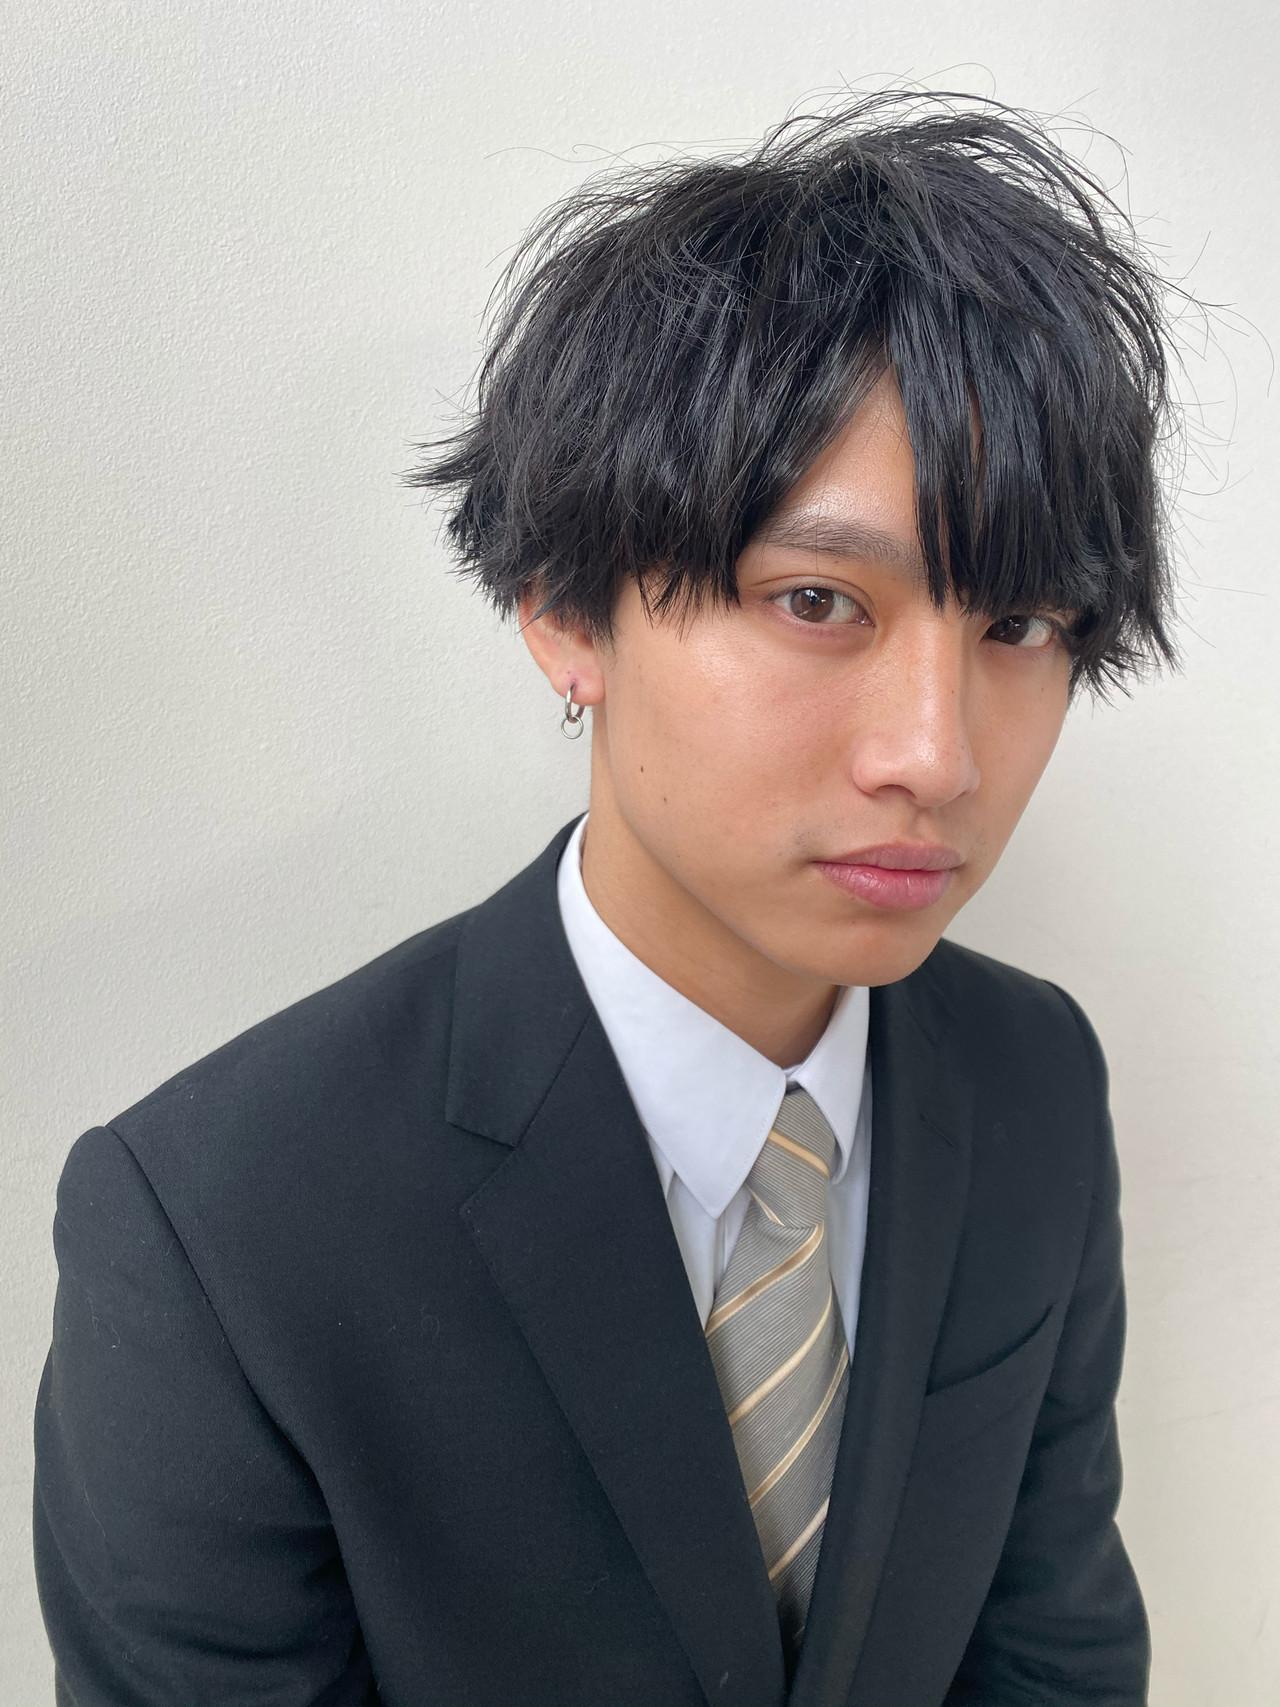 メンズカット メンズヘア メンズパーマ ナチュラル ヘアスタイルや髪型の写真・画像